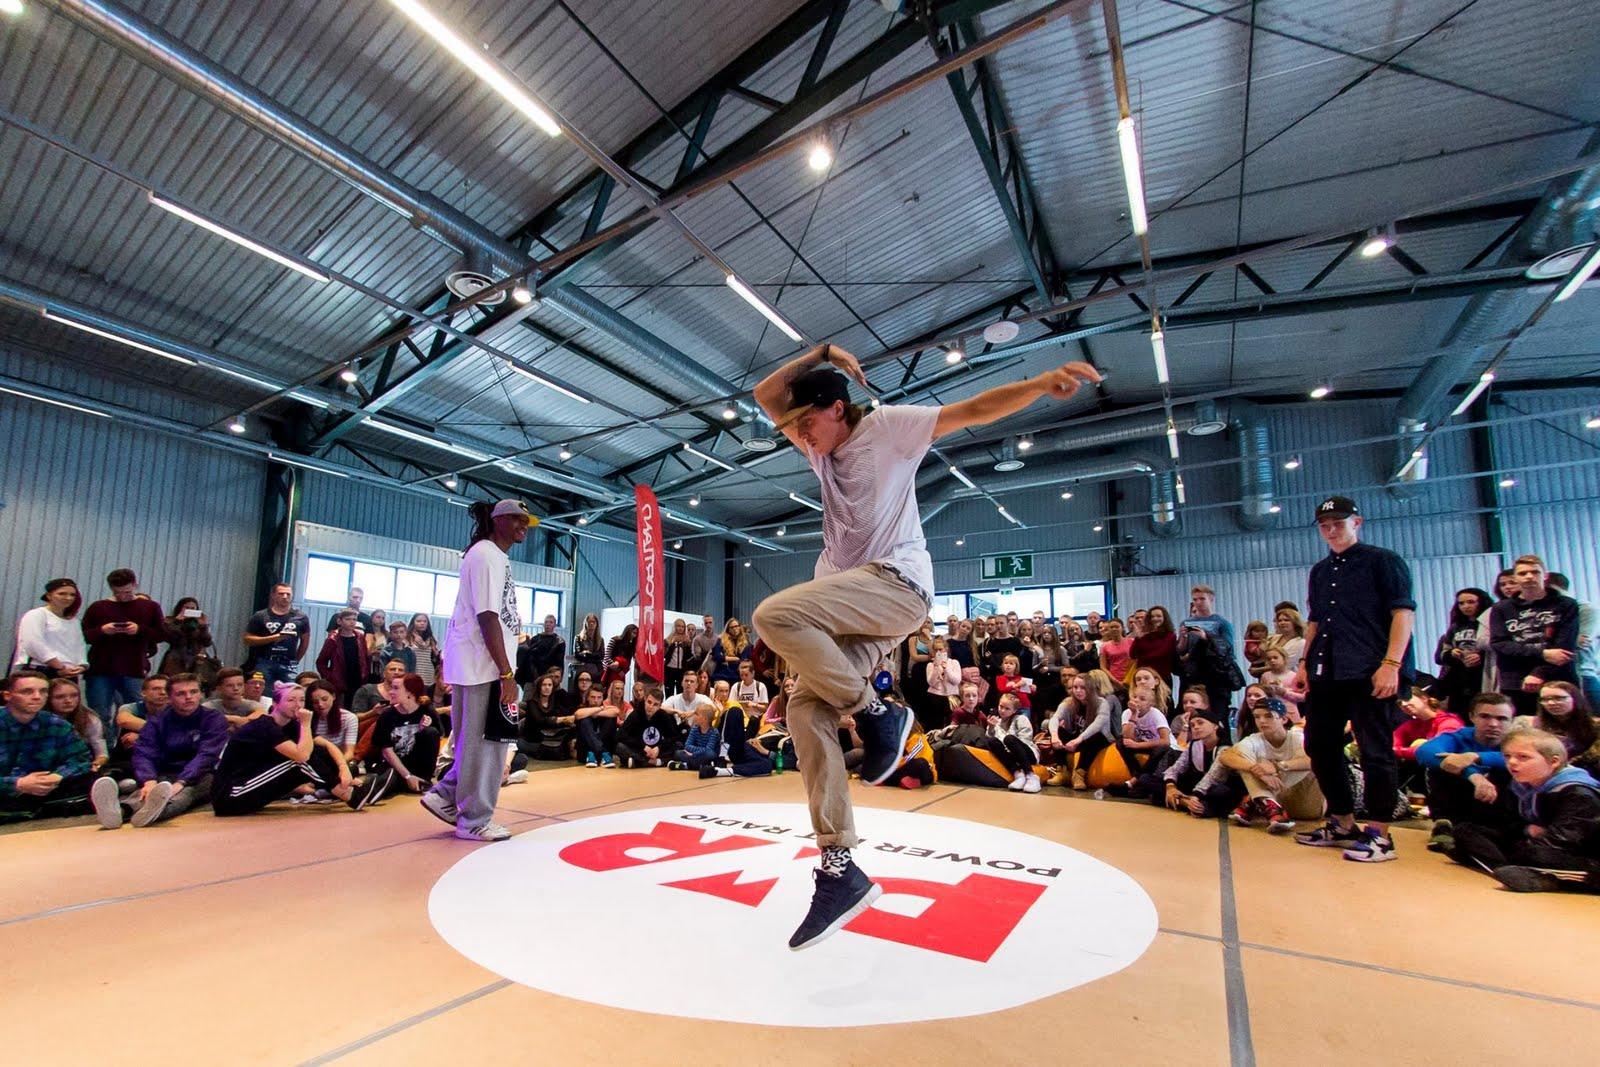 PHR Dance battles Vilniaus festivalis - 58.jpg